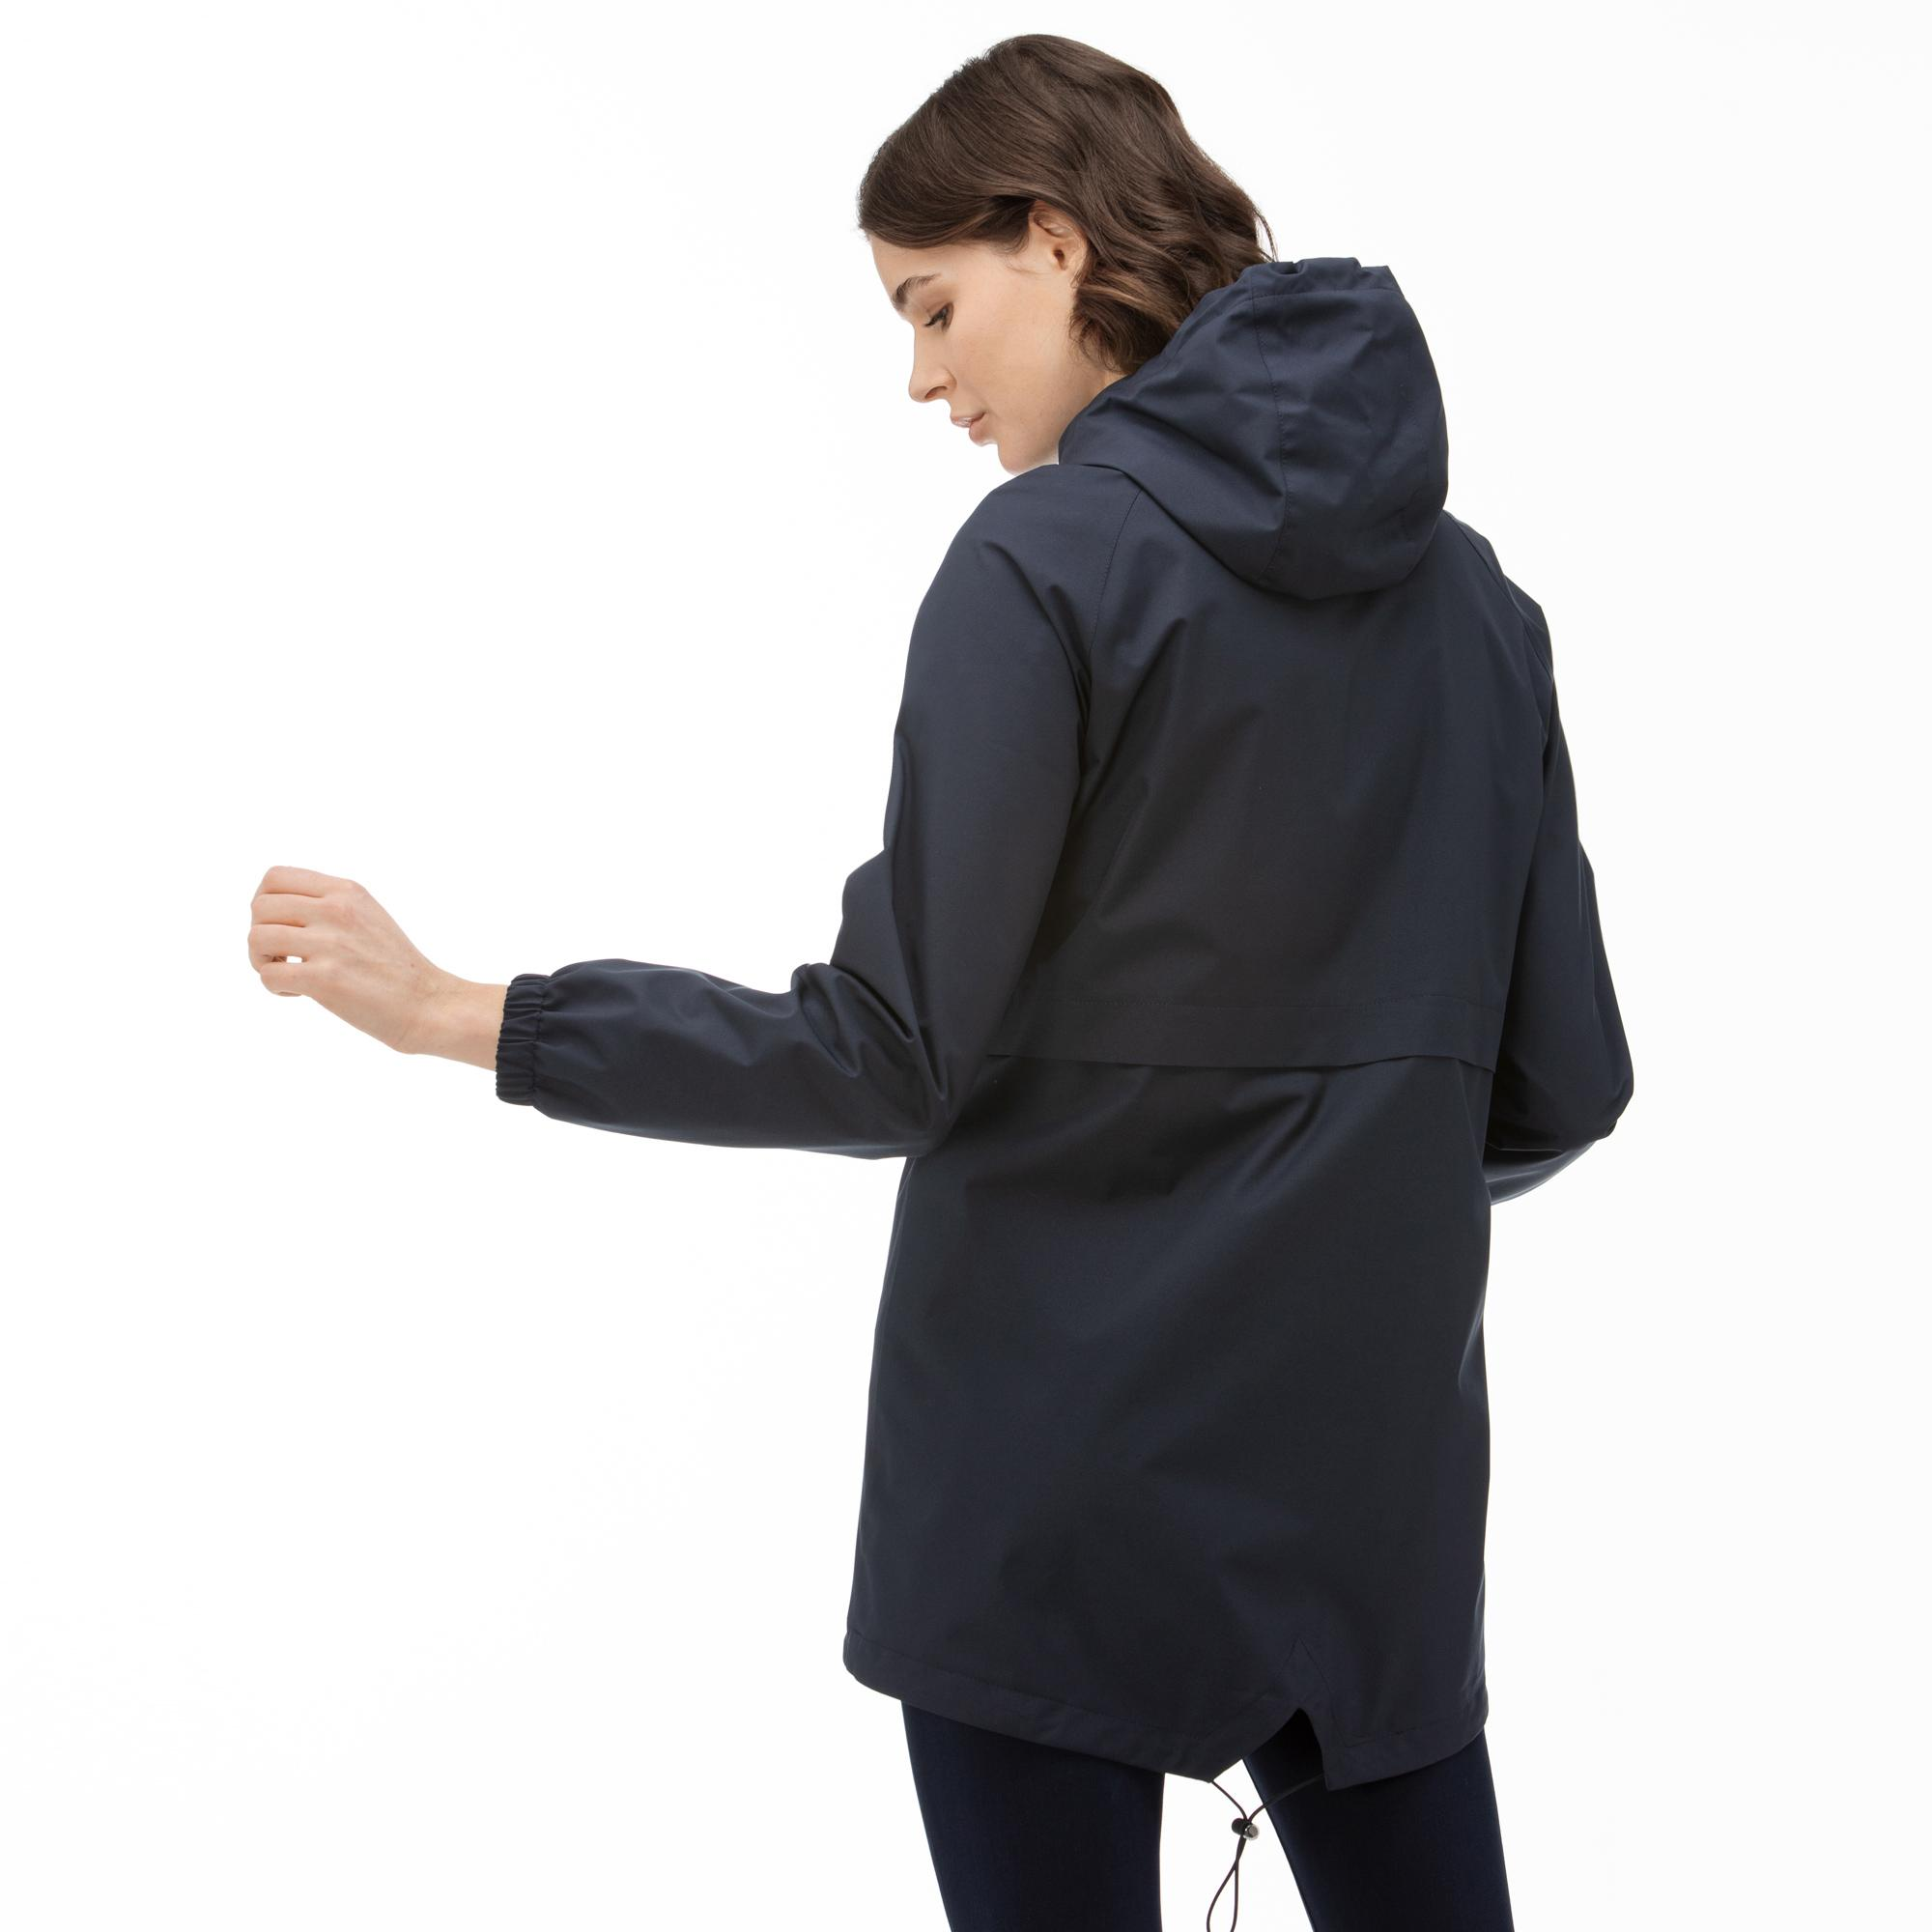 Lacoste Women's Hooded Jacket